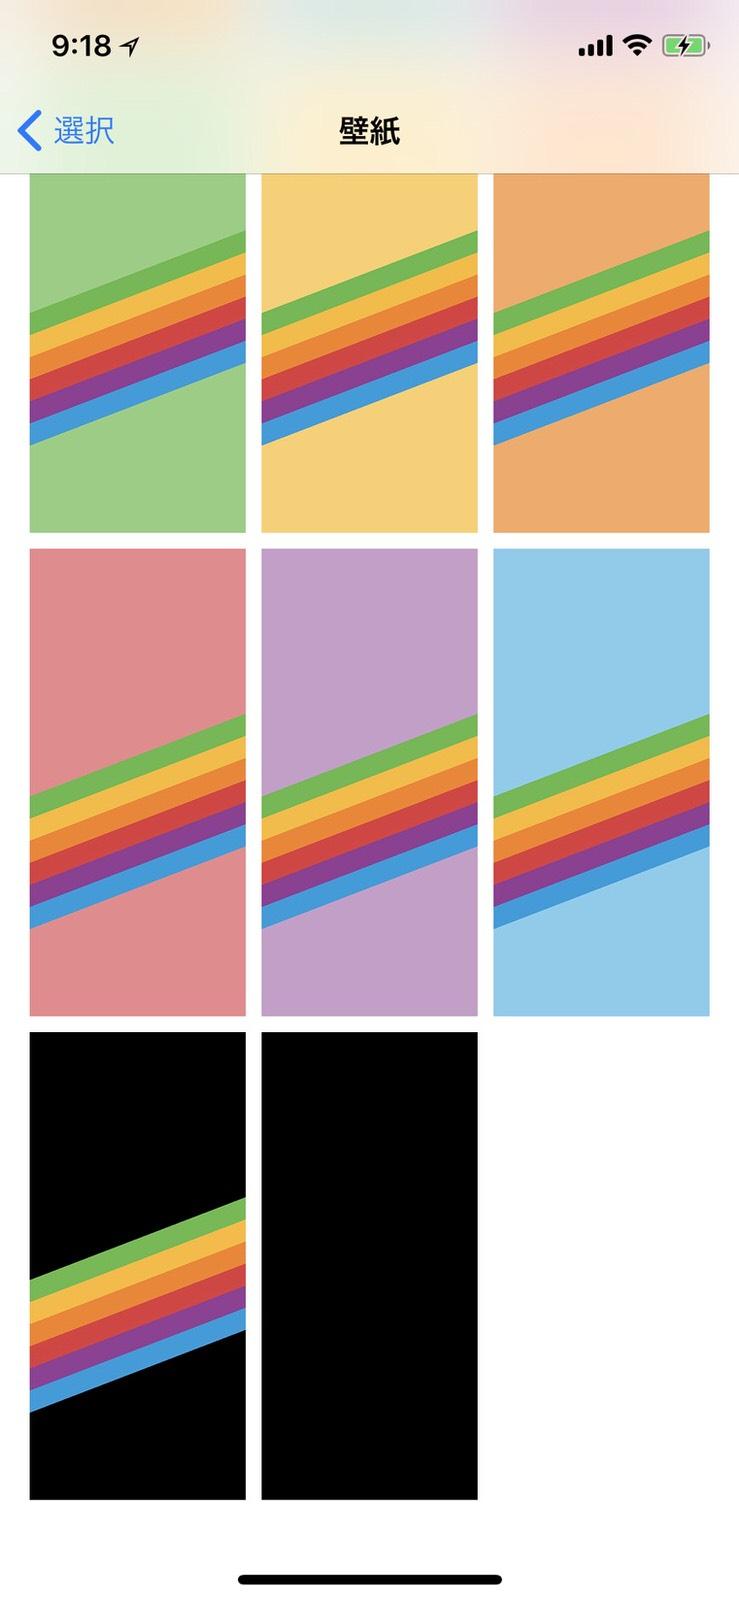 iphone-x-battery-wallpaper